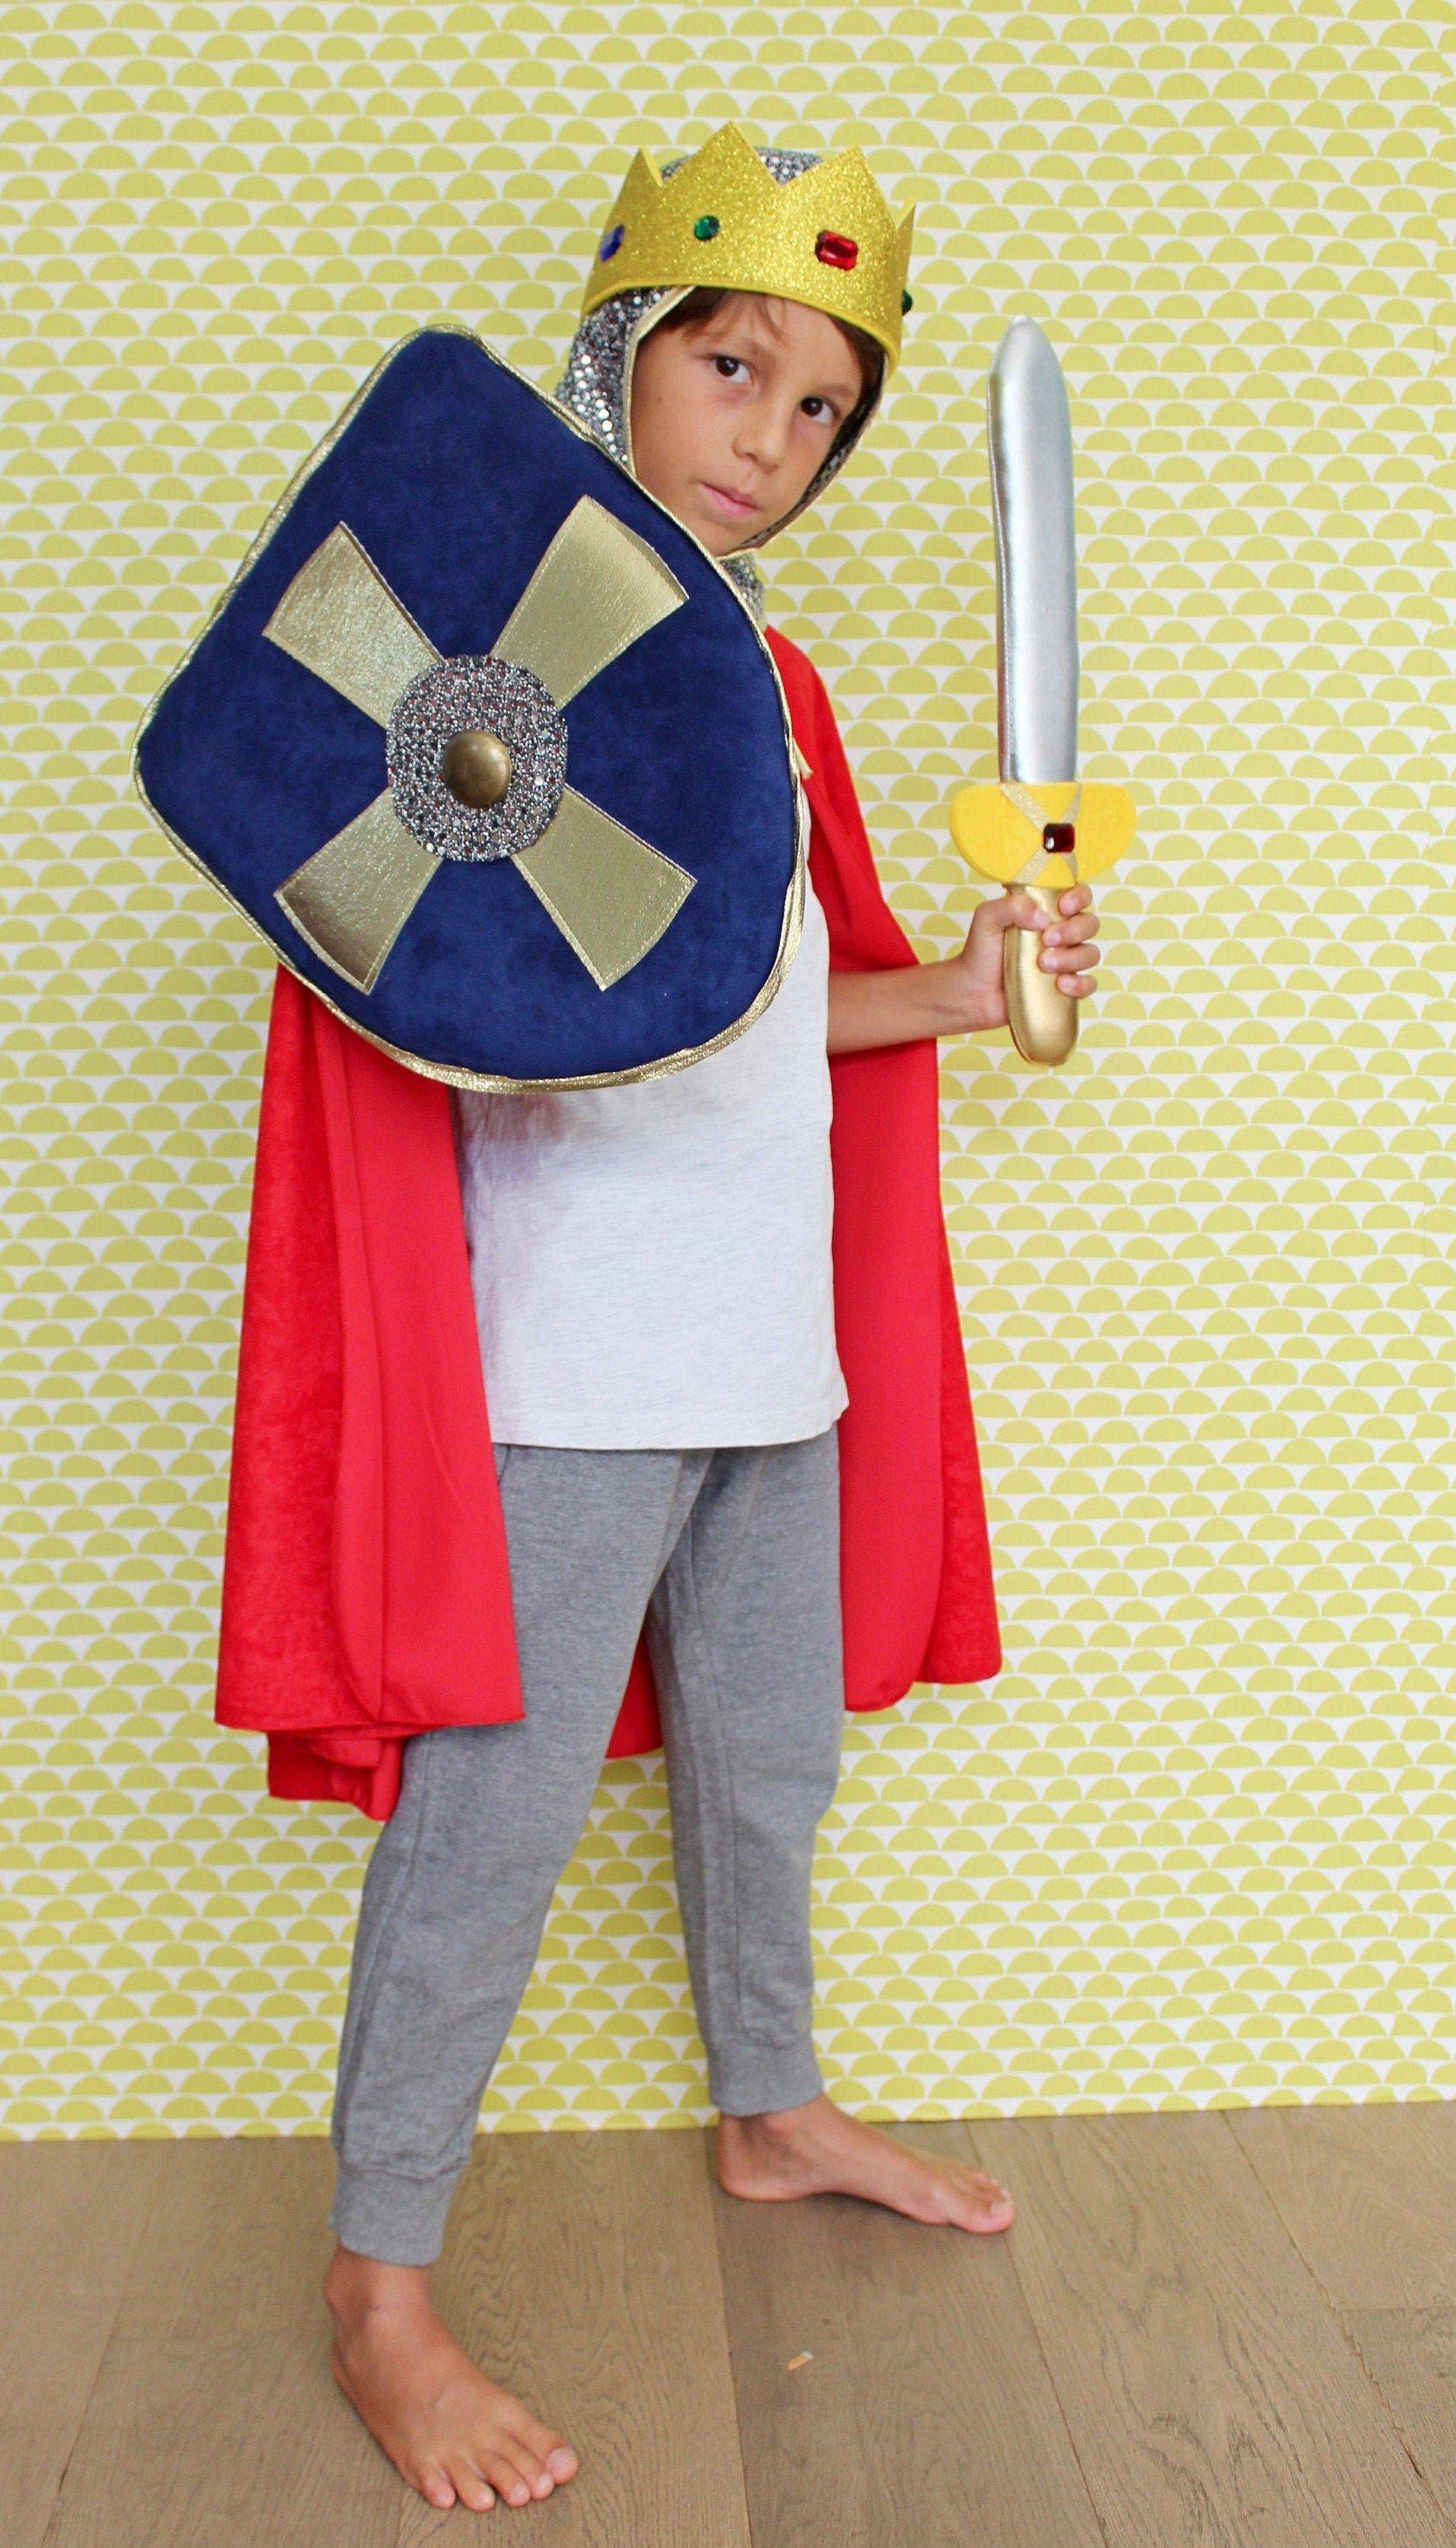 Vestito Cavaliere Bambino.Costume Re Artu Da Bambino Costume Cavaliere Bambino Composto Da Spada Scudo Passamontagna Corona E Mantello Costume Medievale Bambino Knight Costume Kids Costumes King Arthur